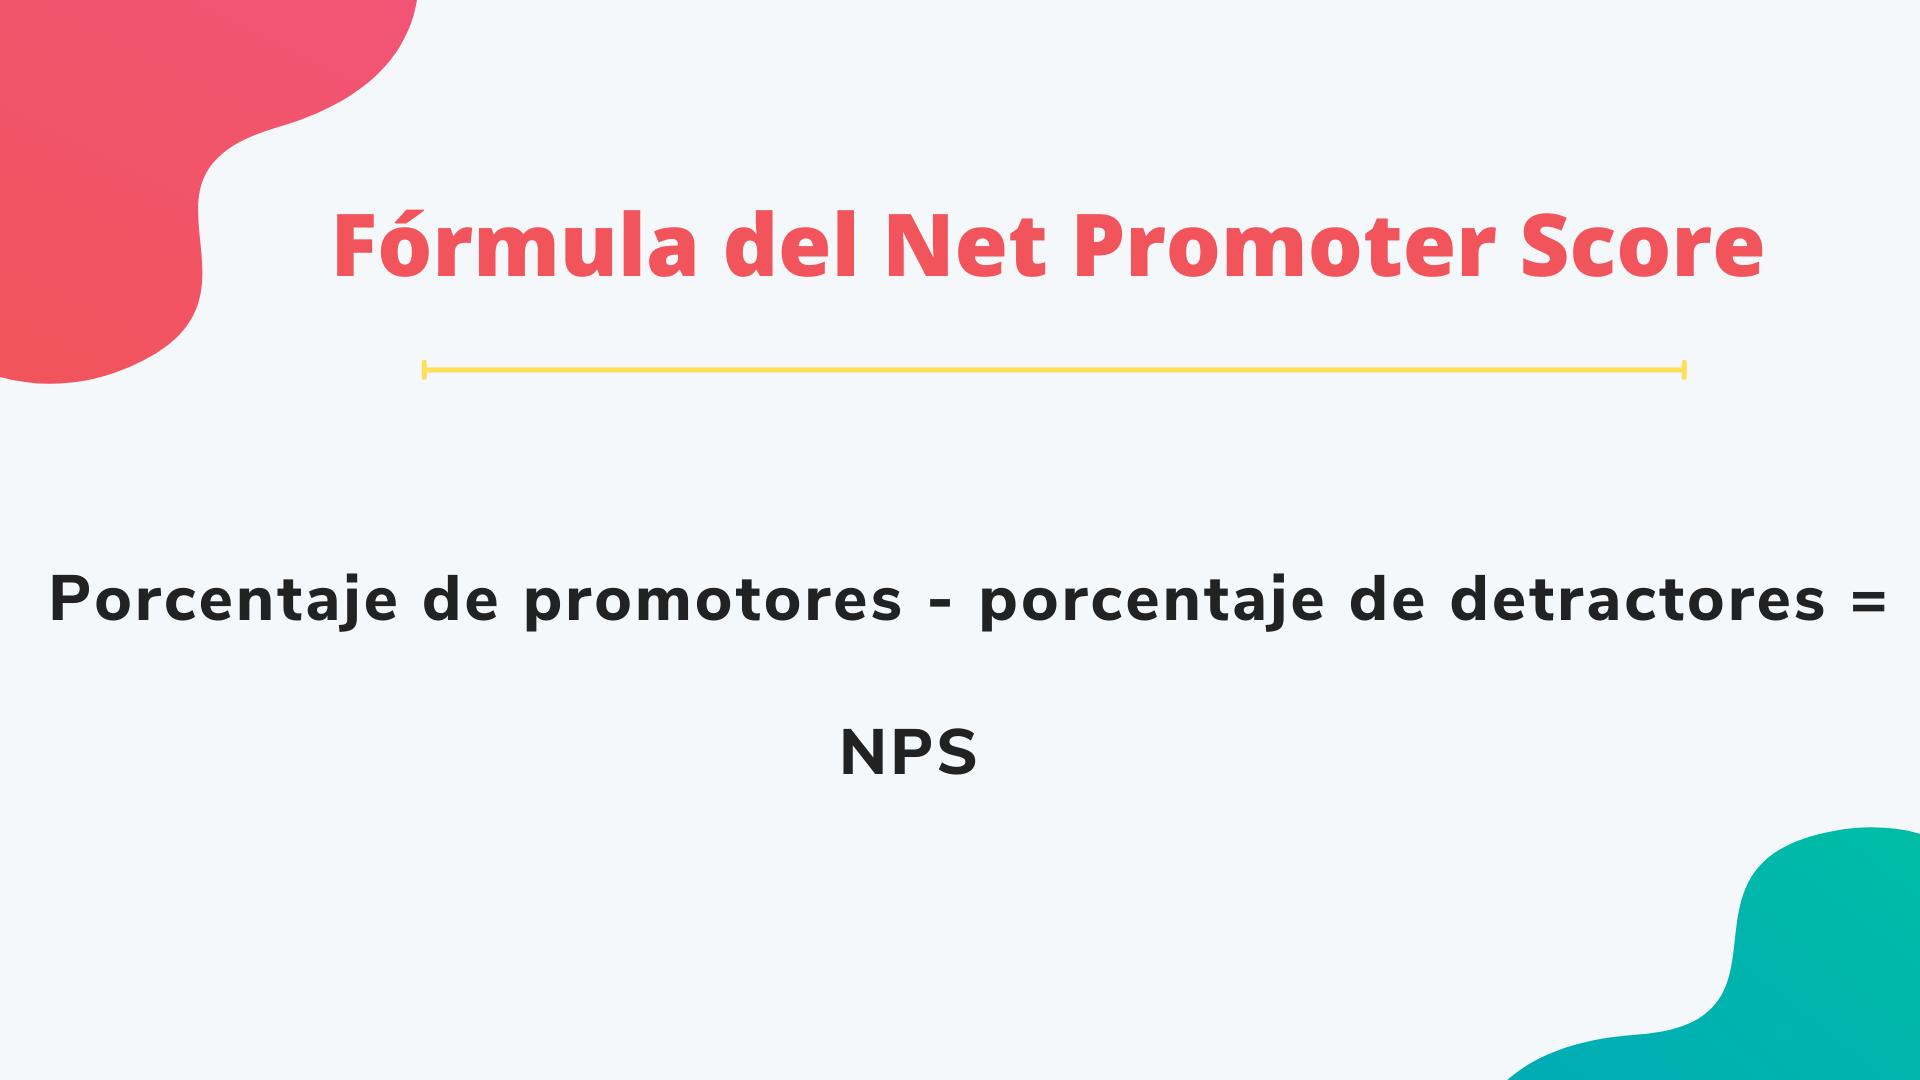 Fórmula del Net Promoter Score (NPS)